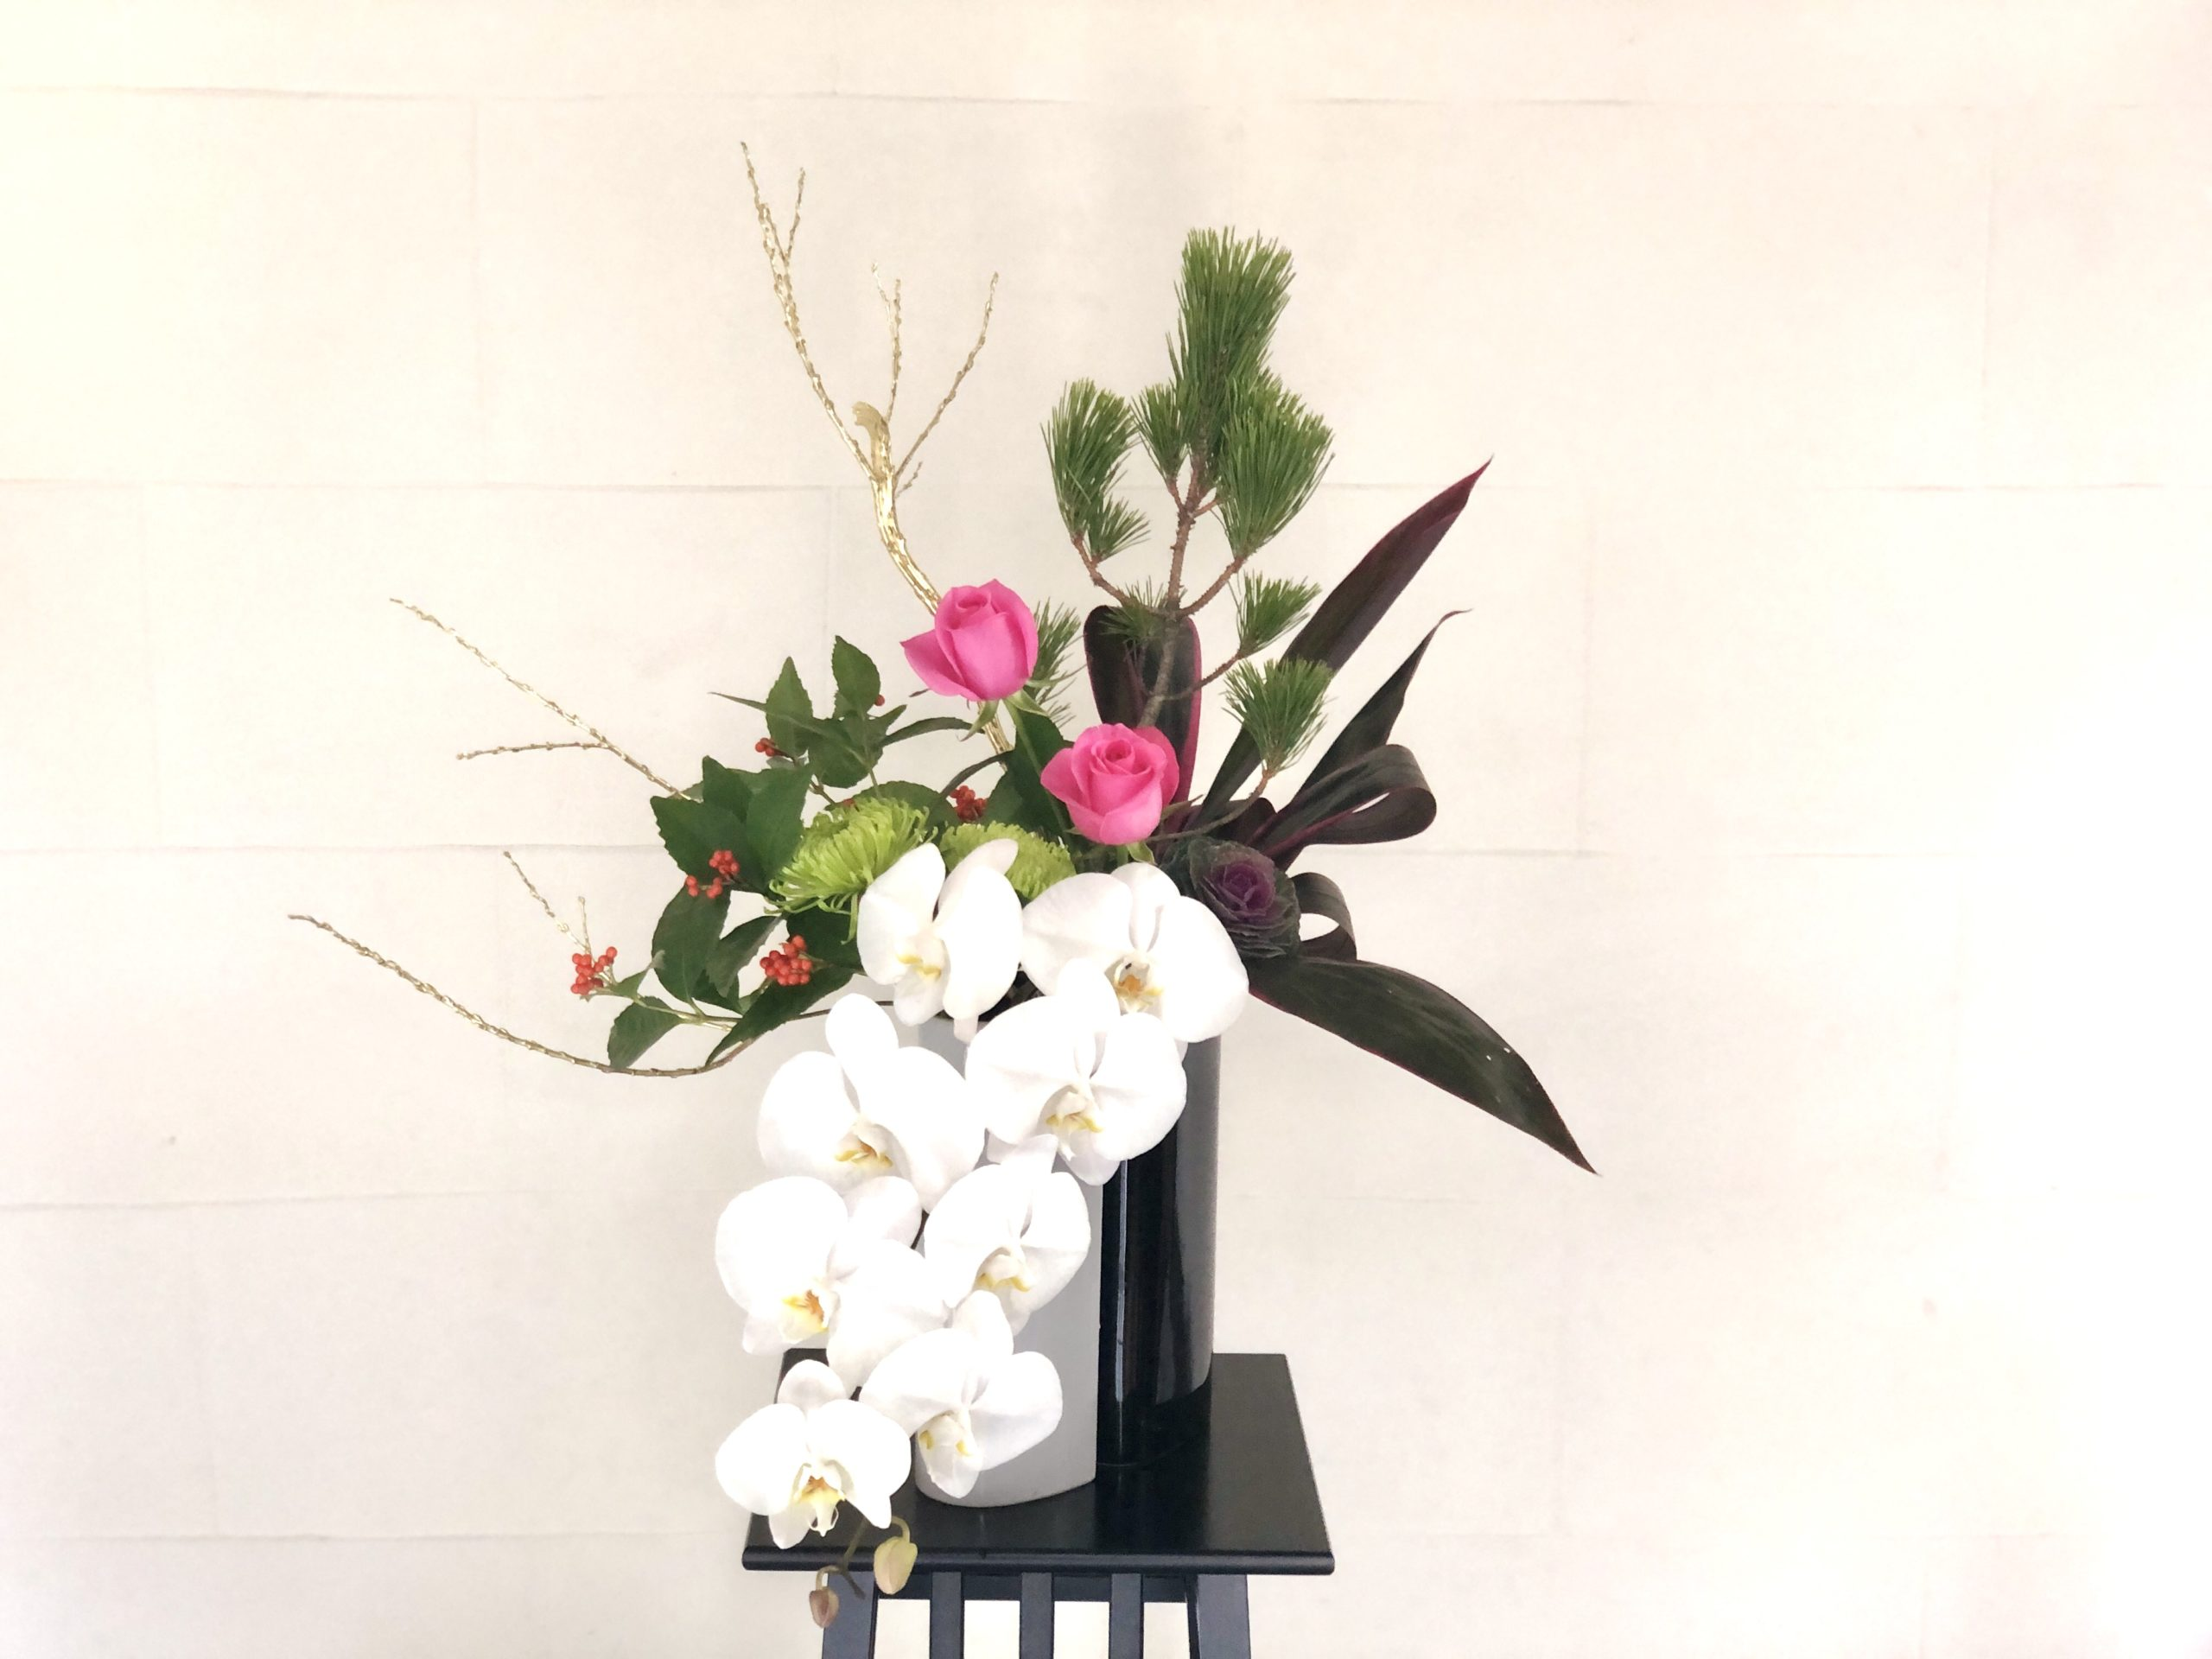 お正月花 花瓶に活けた、リビングにおすすめスタイリッシュな生け花